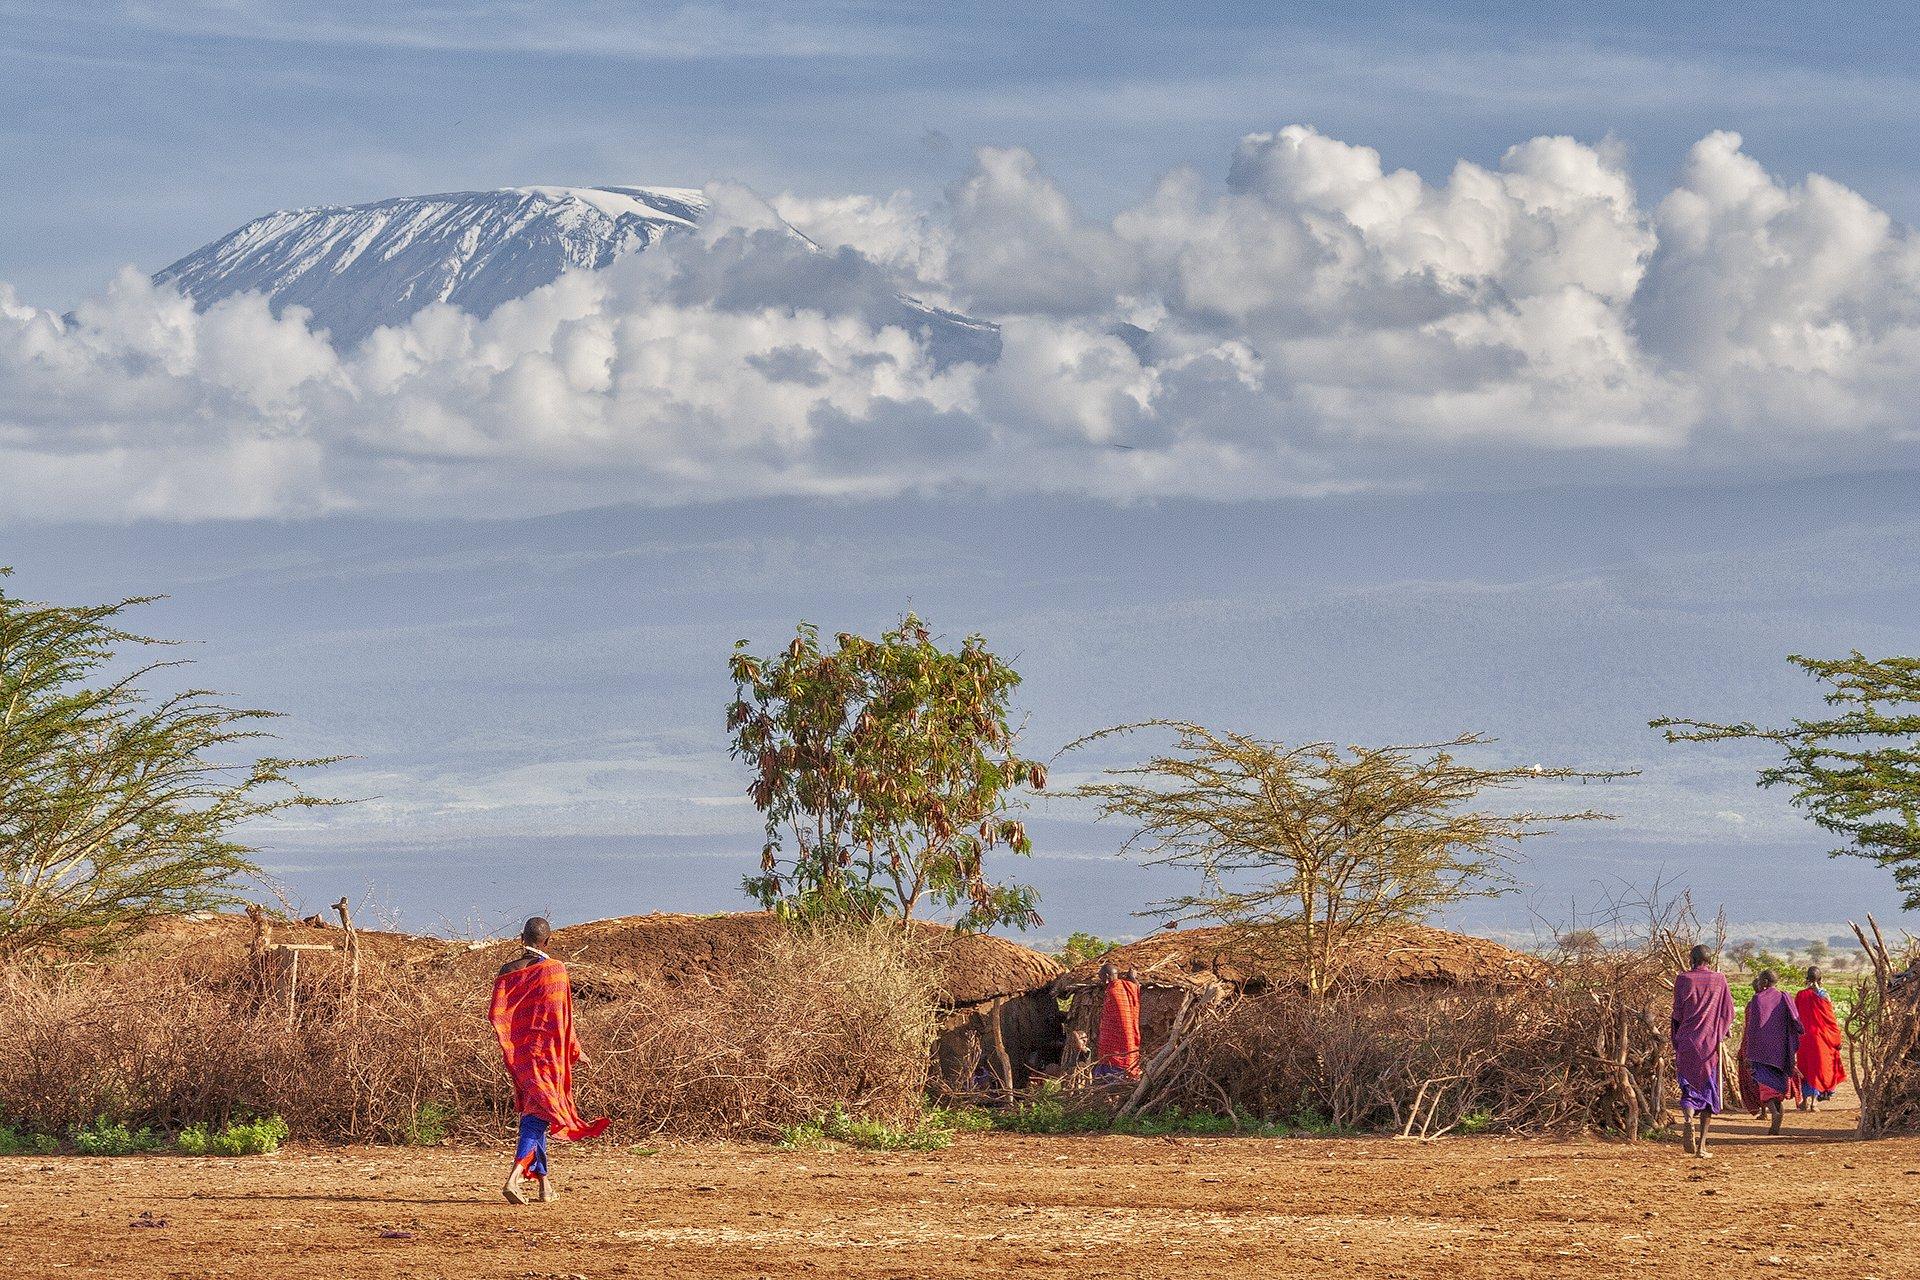 На Килиманджаро бушует огонь (видео)